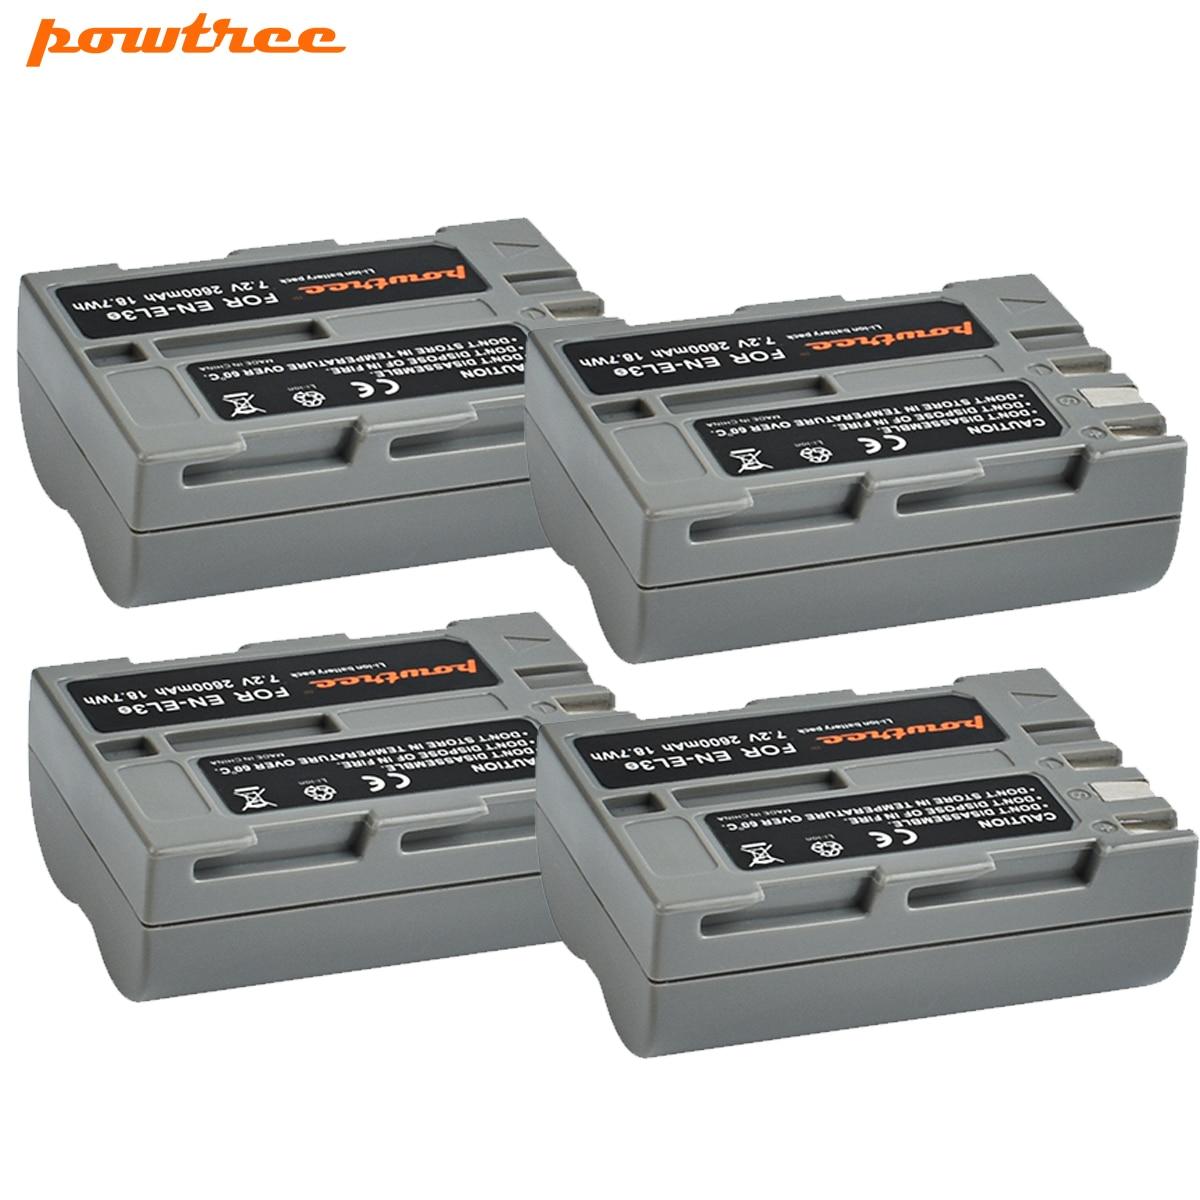 4X 7,4 V 1800mAh EN-EL3e es EL3e Cámara recargable de la batería para NIKON D30 D50 D70 D70S D90 D80 D100 D200 D300 D300S D700 L30